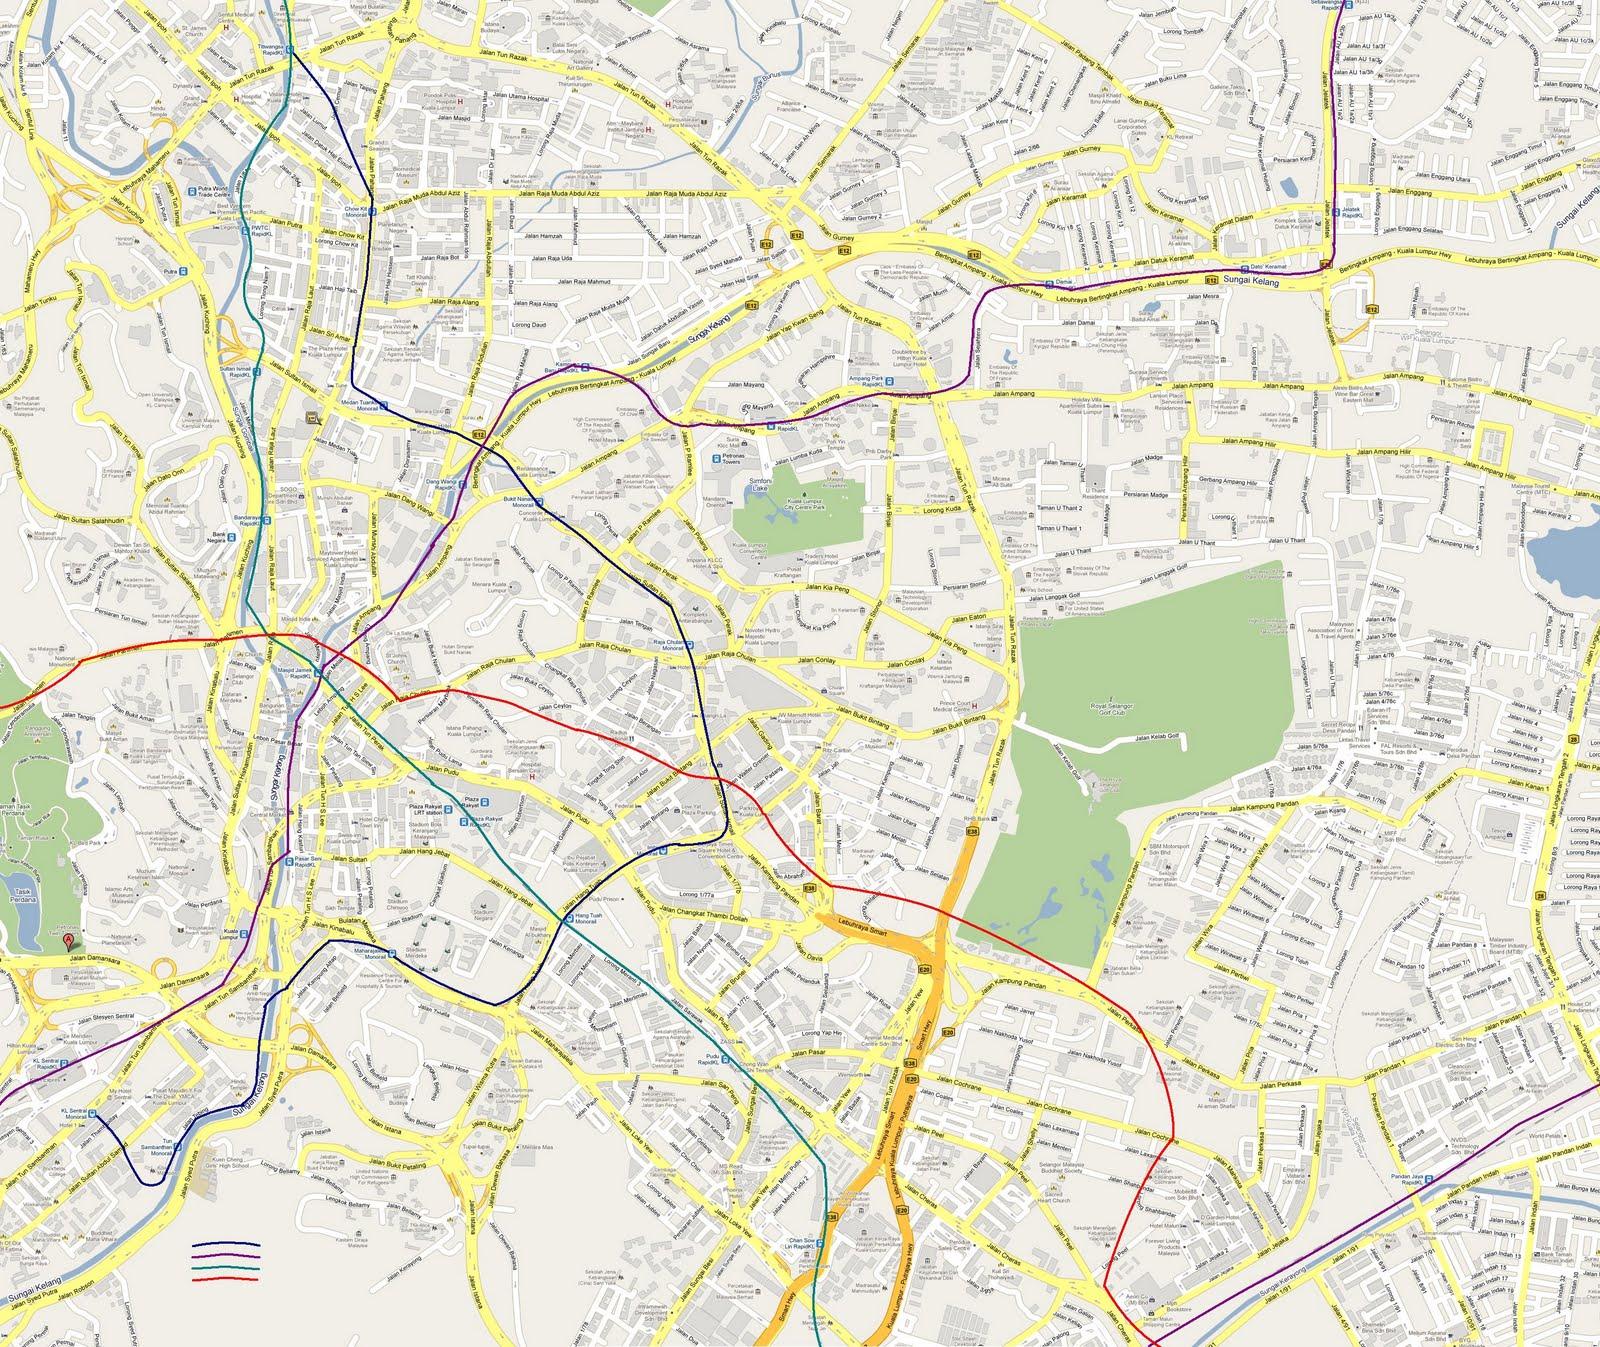 Kuala Lumpur Malaysia Map: Kuala Lumpur's New MRT Map Alignment.